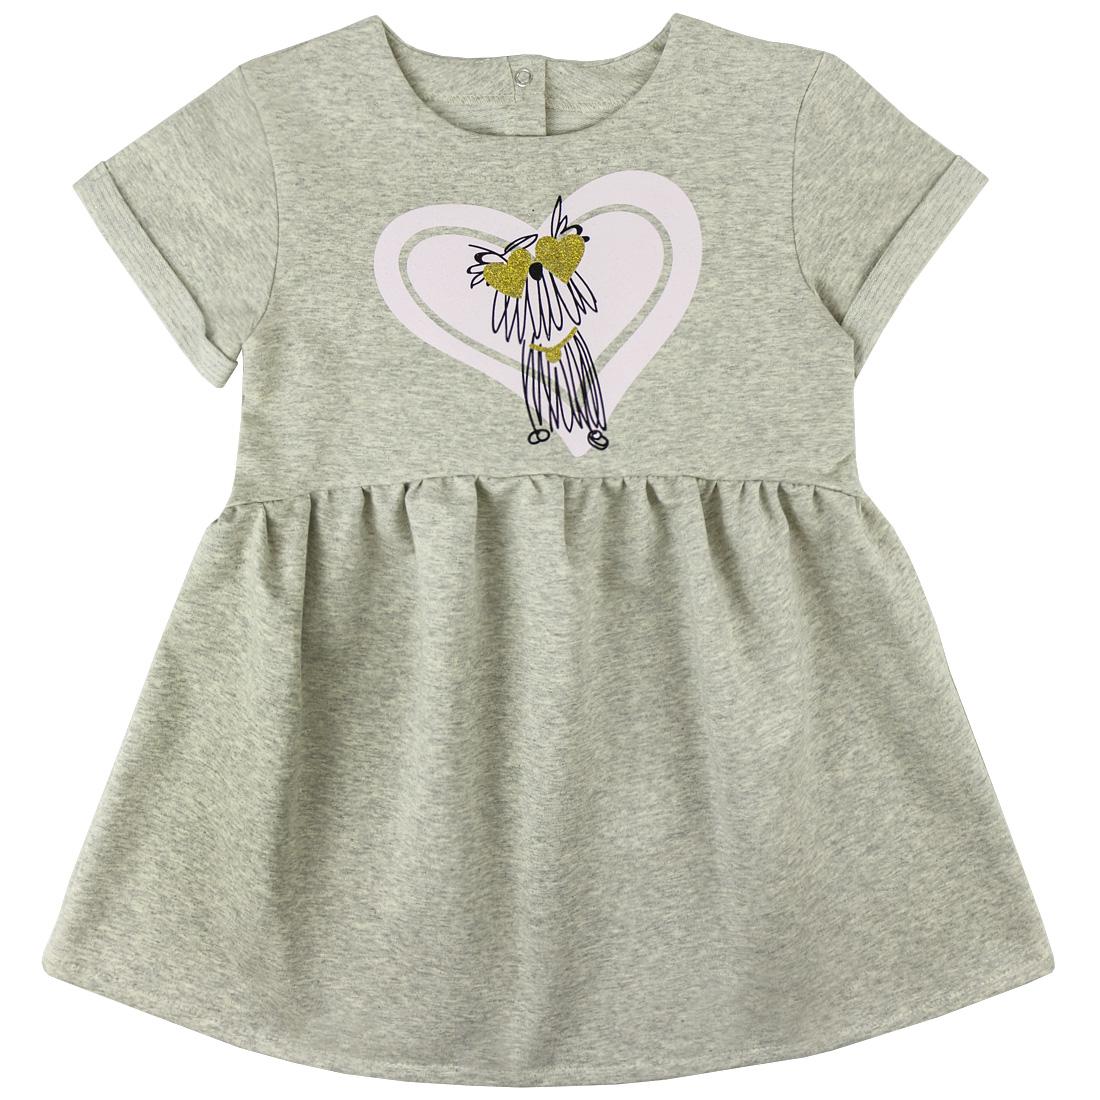 Купить 880/2фд ап, Платье детское Юлла, цв. серый р. 122, Платья для девочек